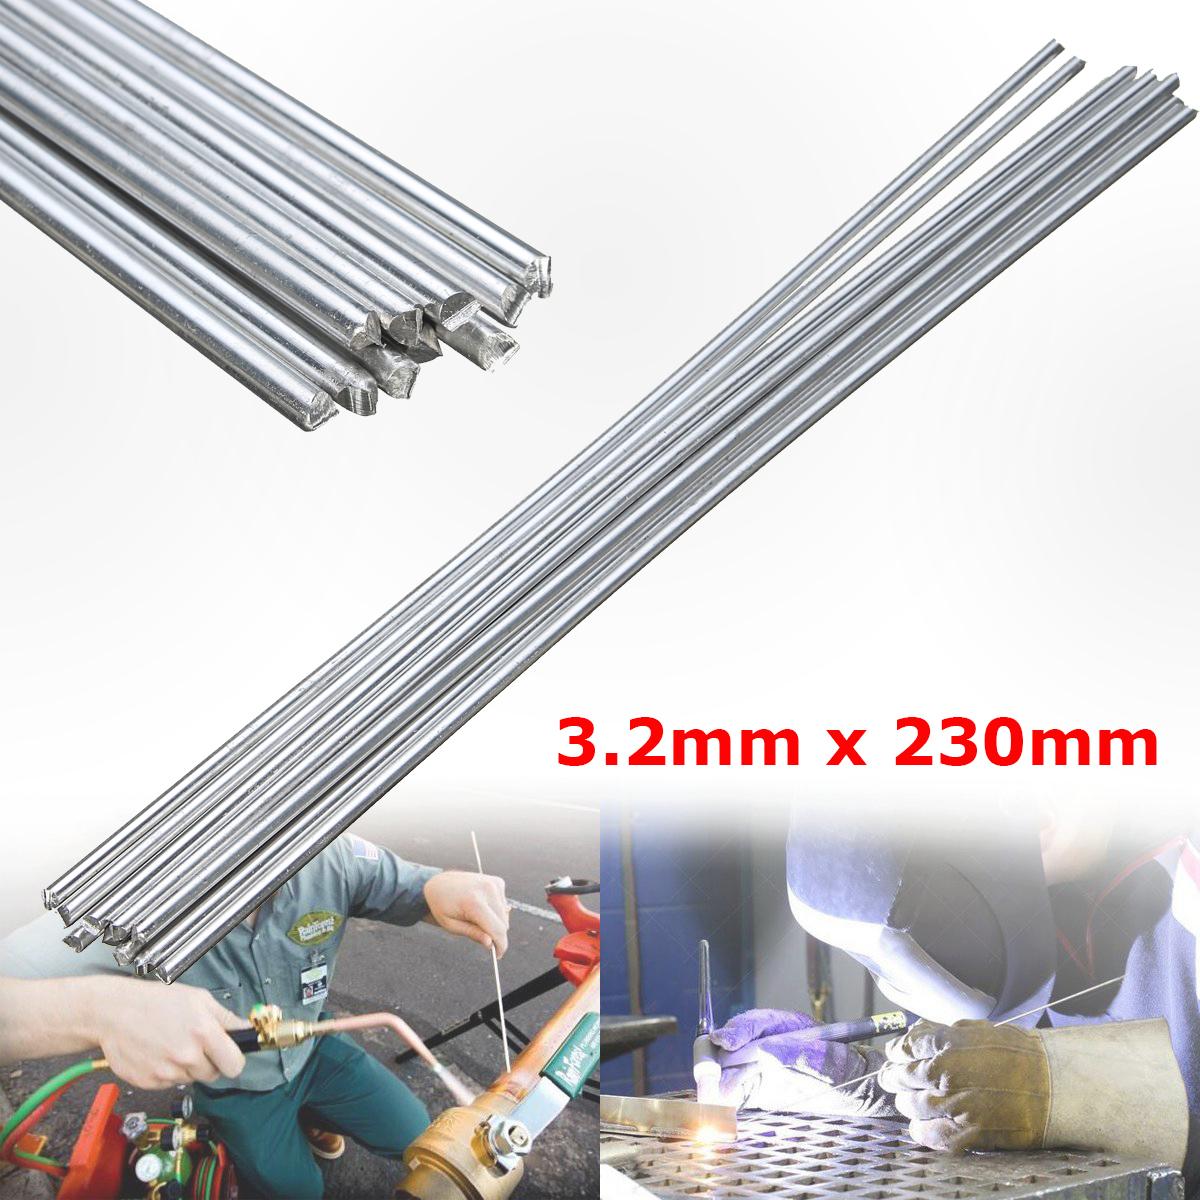 10X Low Temperature Aluminium Welding Soldering Brazing Repair Rods 3.2x230mm US